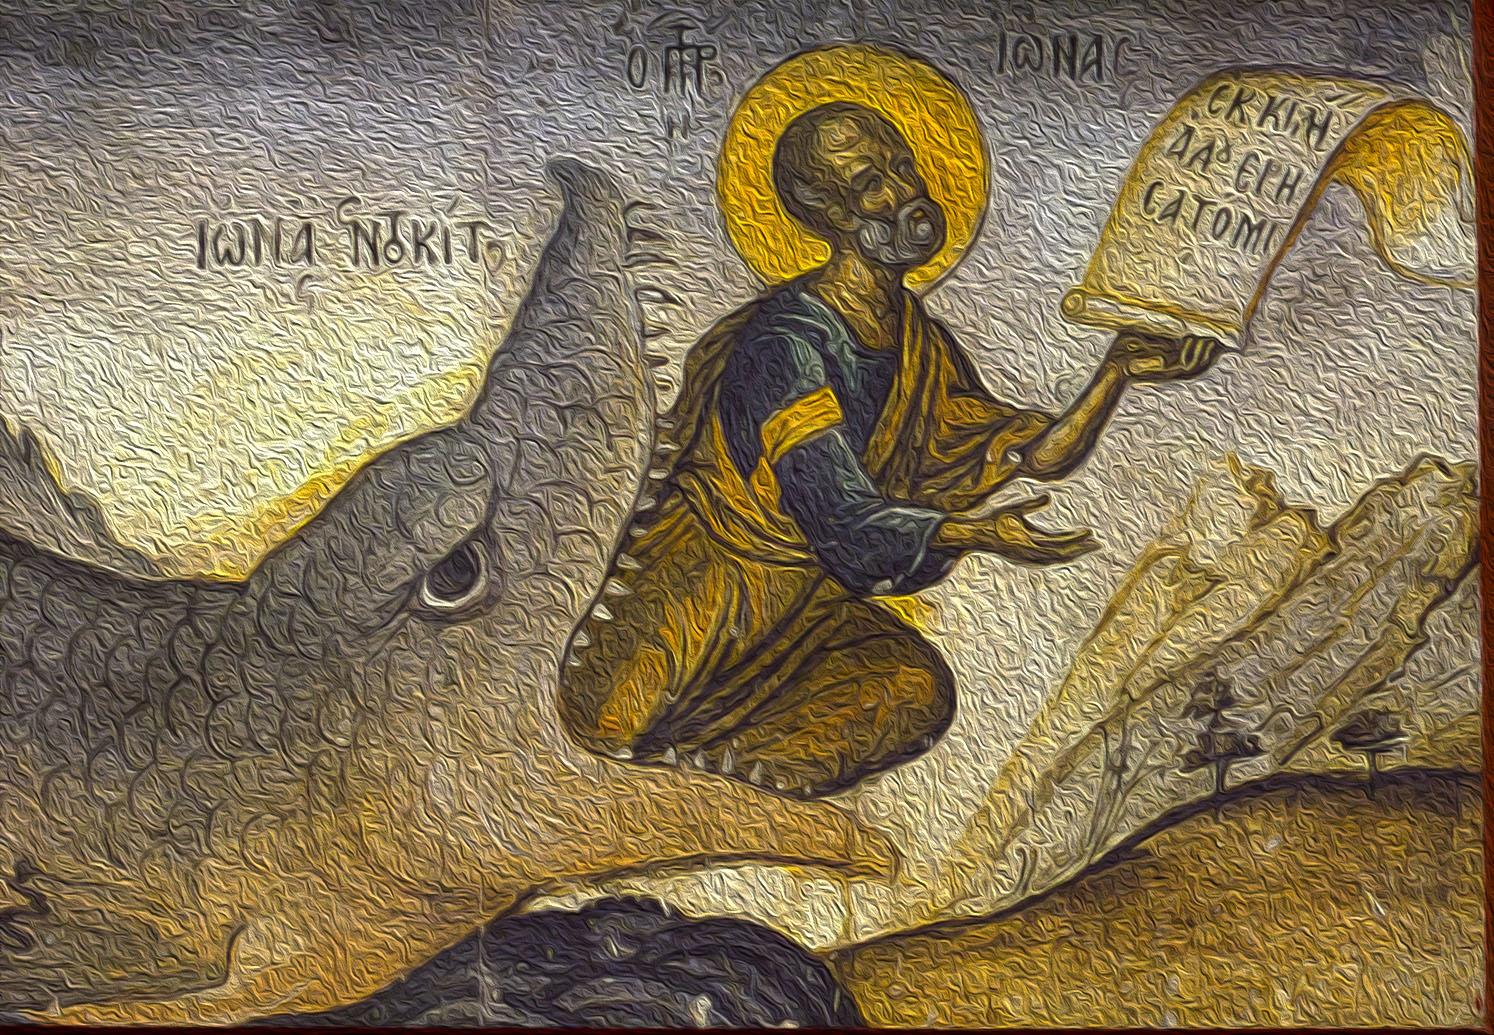 Какой сегодня праздник 5 октября 2019: церковный праздник Иона и Фока отмечают в России